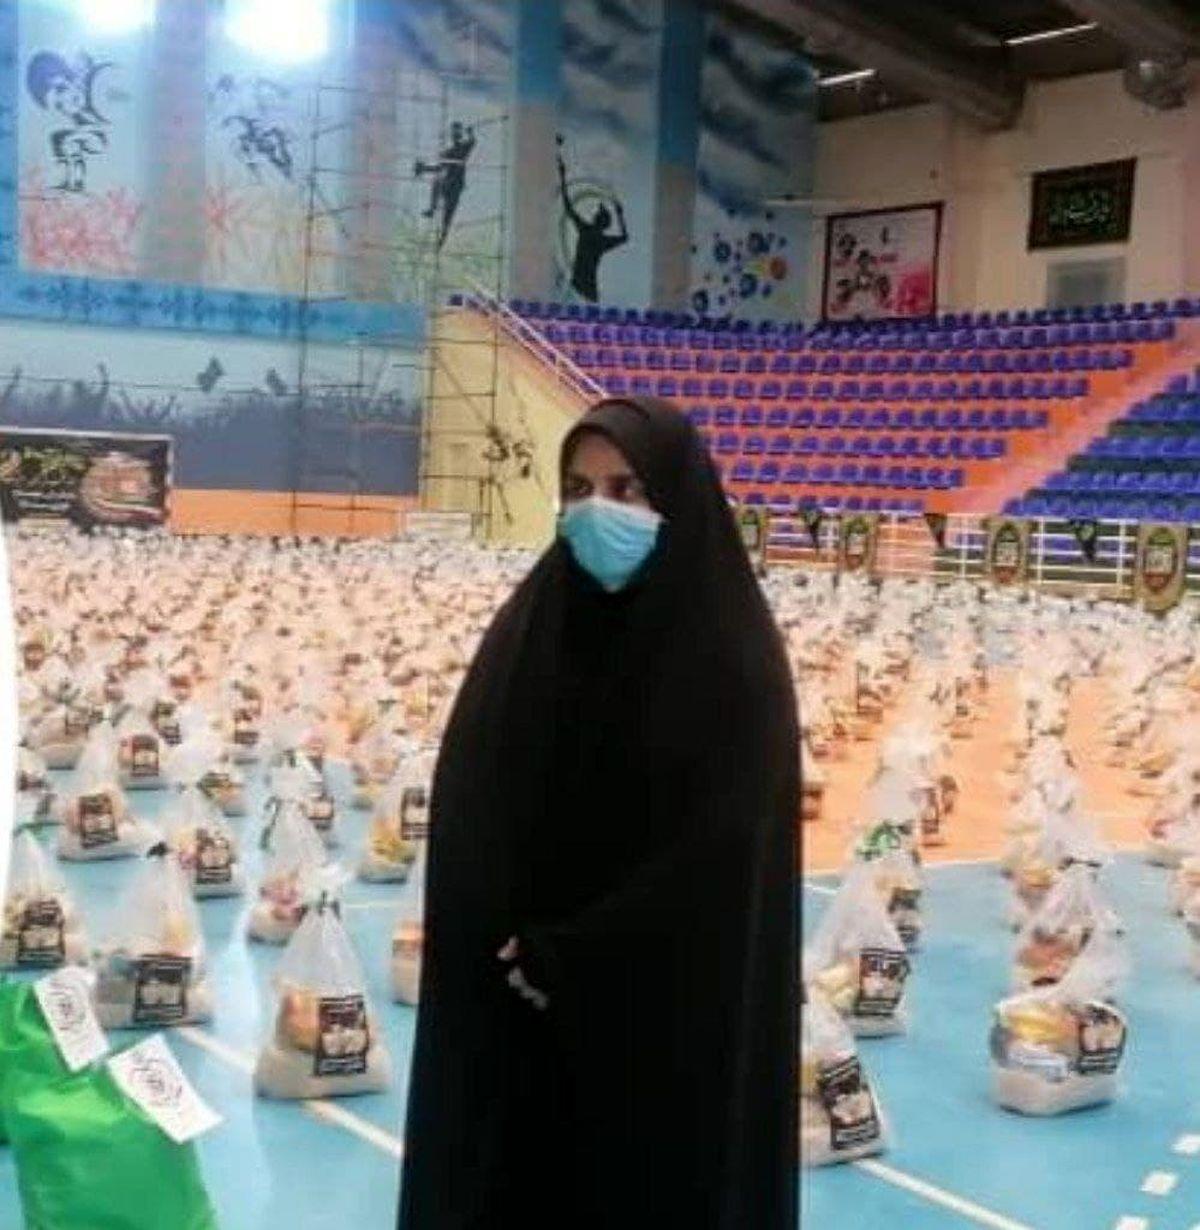 برگزاری رزمایش کمک های مومنانه  شور حسینی  بنیاد خیریه آبشار عاطفه ها در لرستان